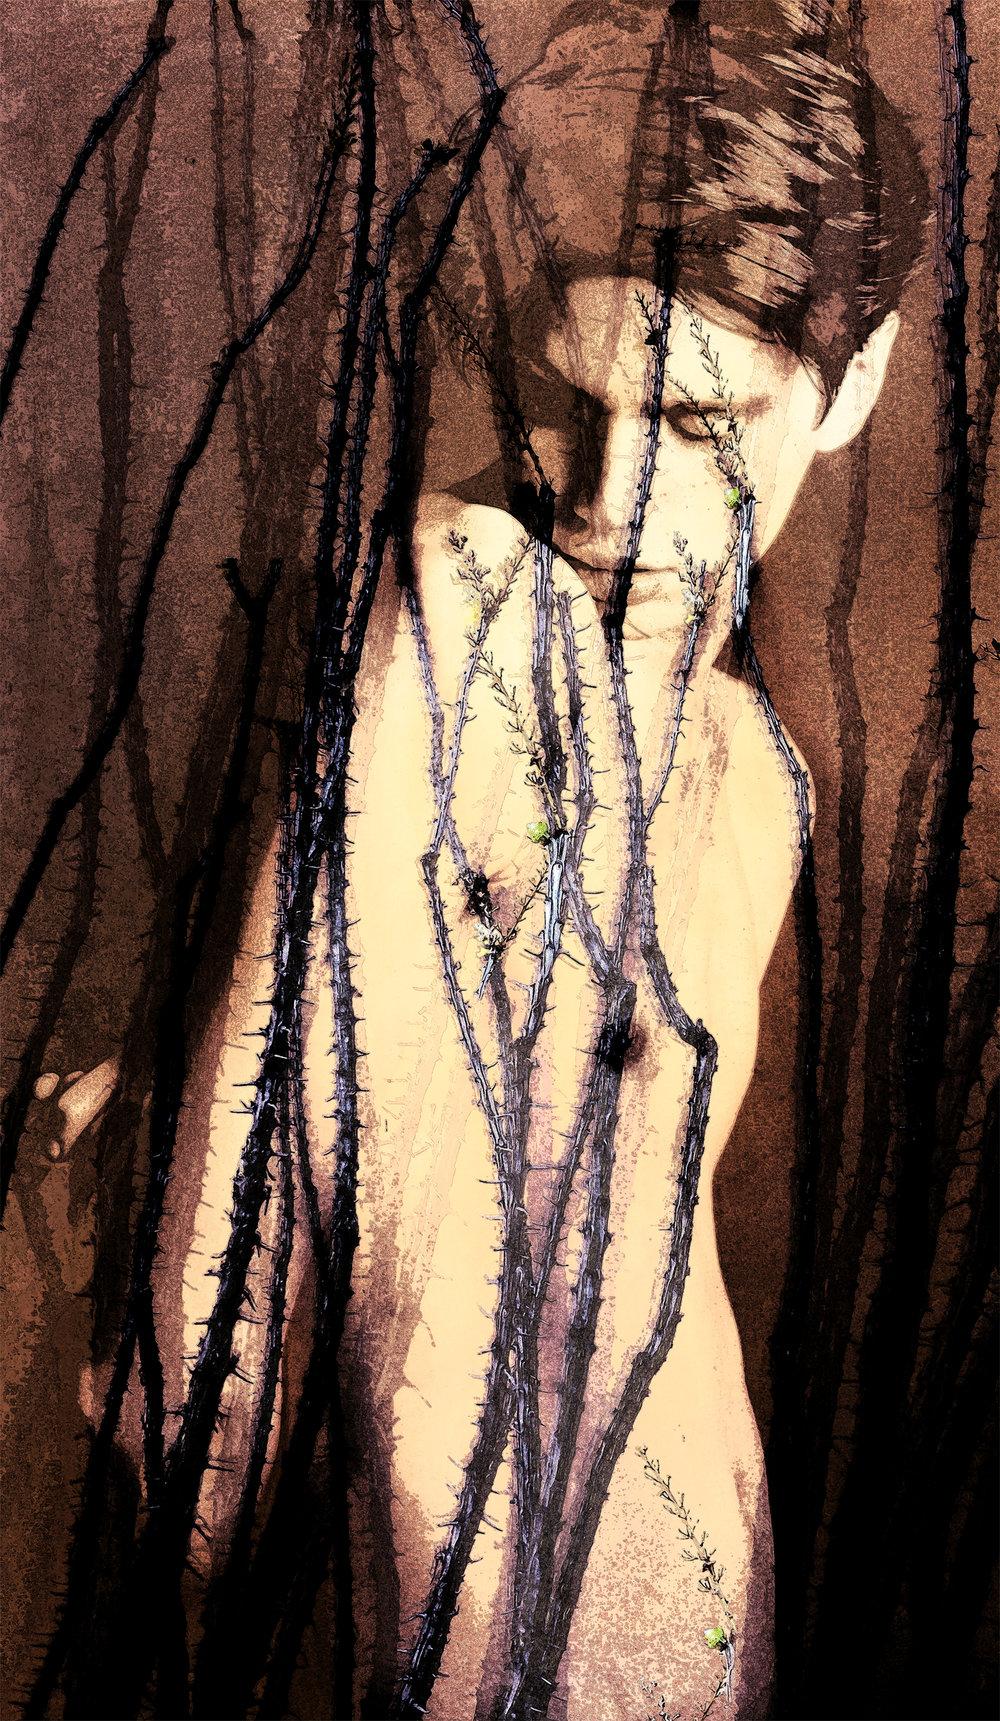 John Waiblinger-Thornbird-Digital Art on paper-21Wx36-1of5-2018-Framed-$1,200.jpg